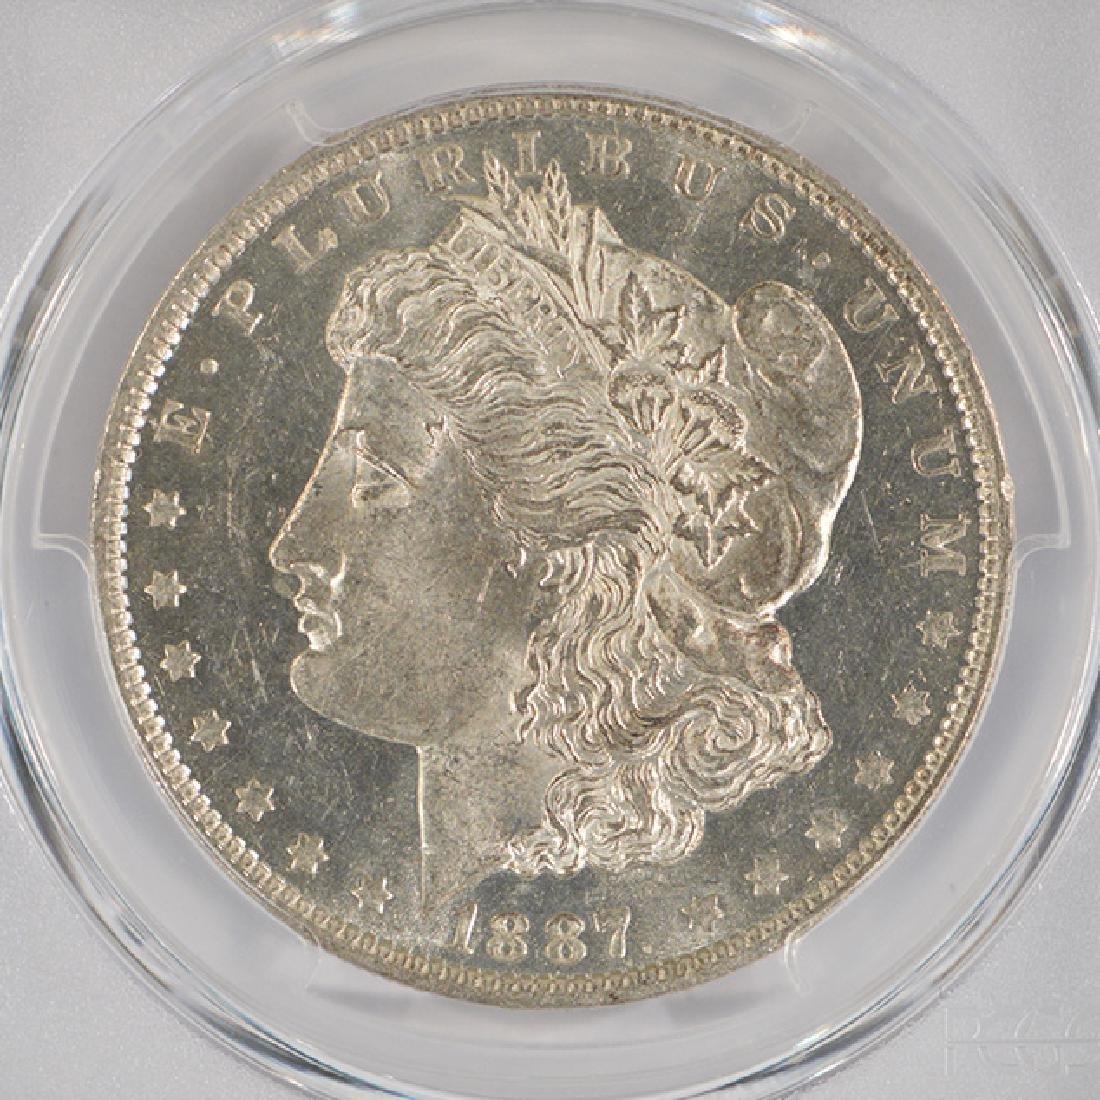 1887-O $1 Morgan Silver Dollar Coin PCGS MS61PL - 3